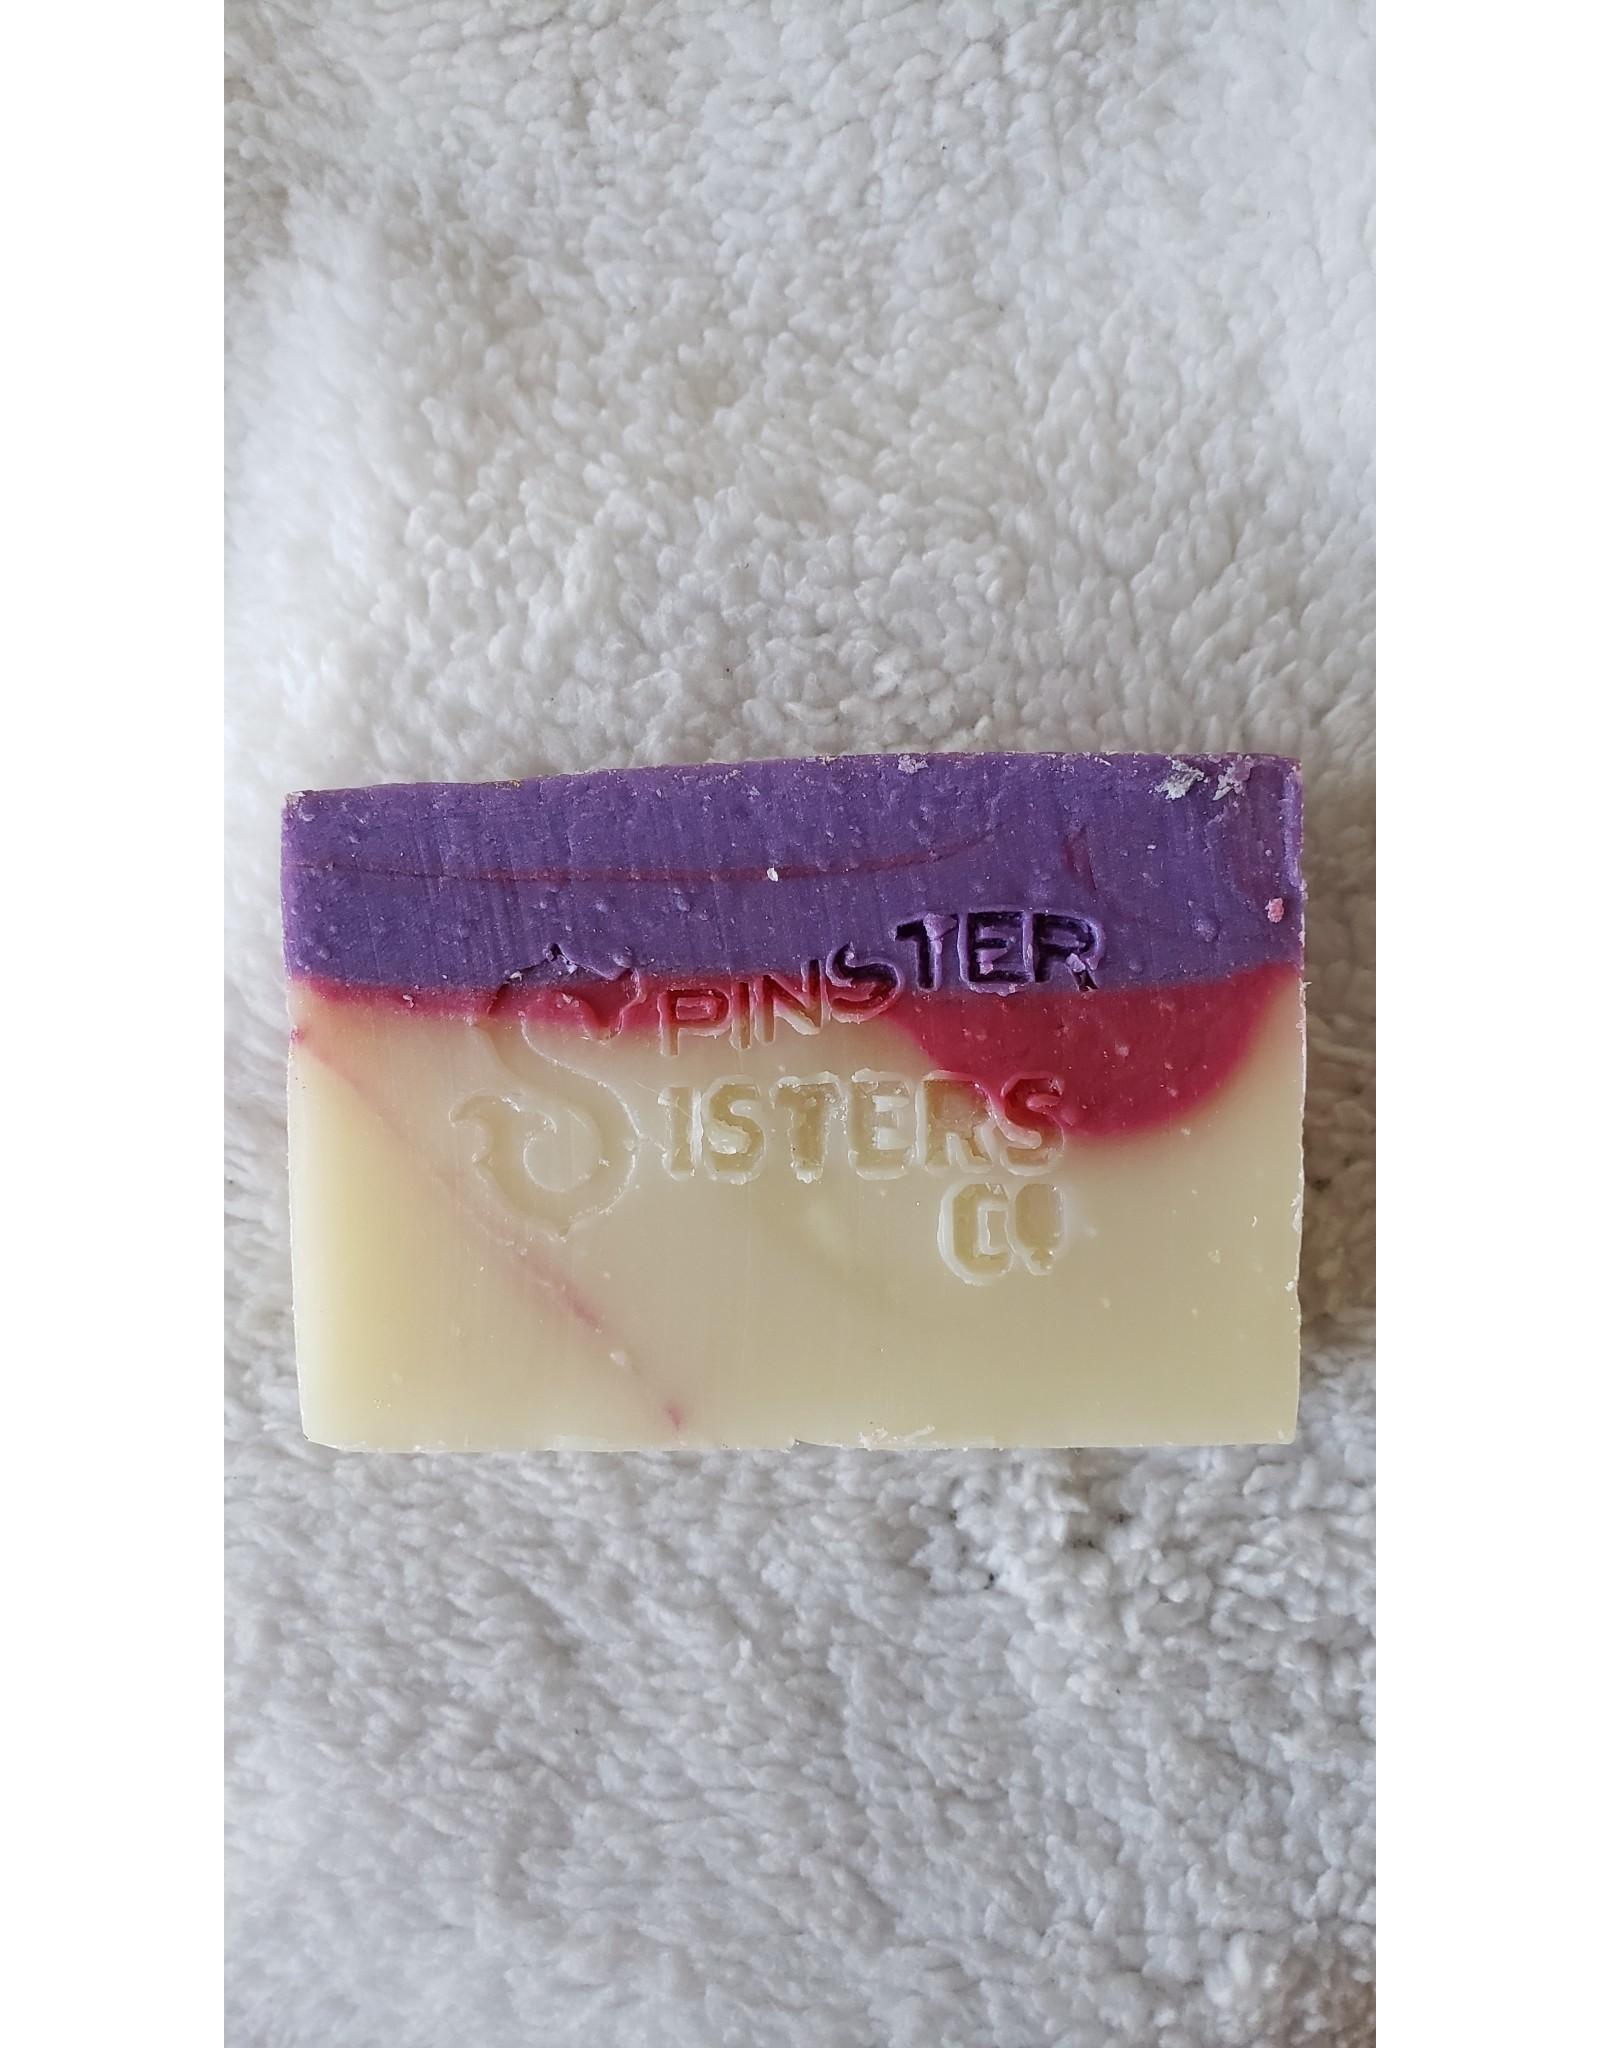 Spinster Sisters Co. Lavender Rose - 4.8 oz Naked Soap Bar